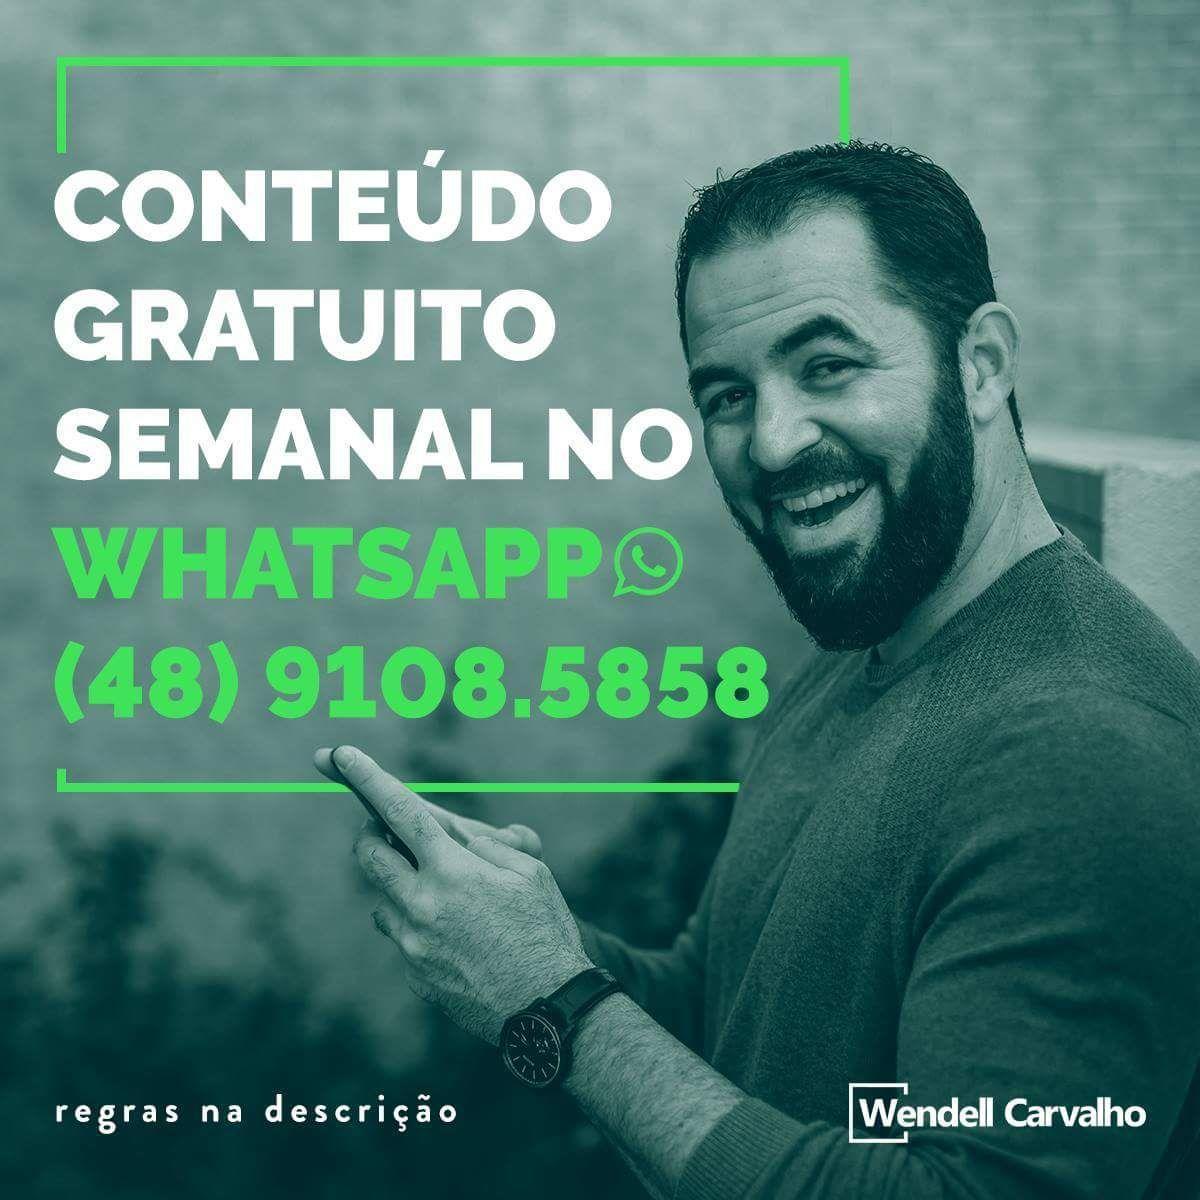 Frases Motivacionais Wendell Carvalho